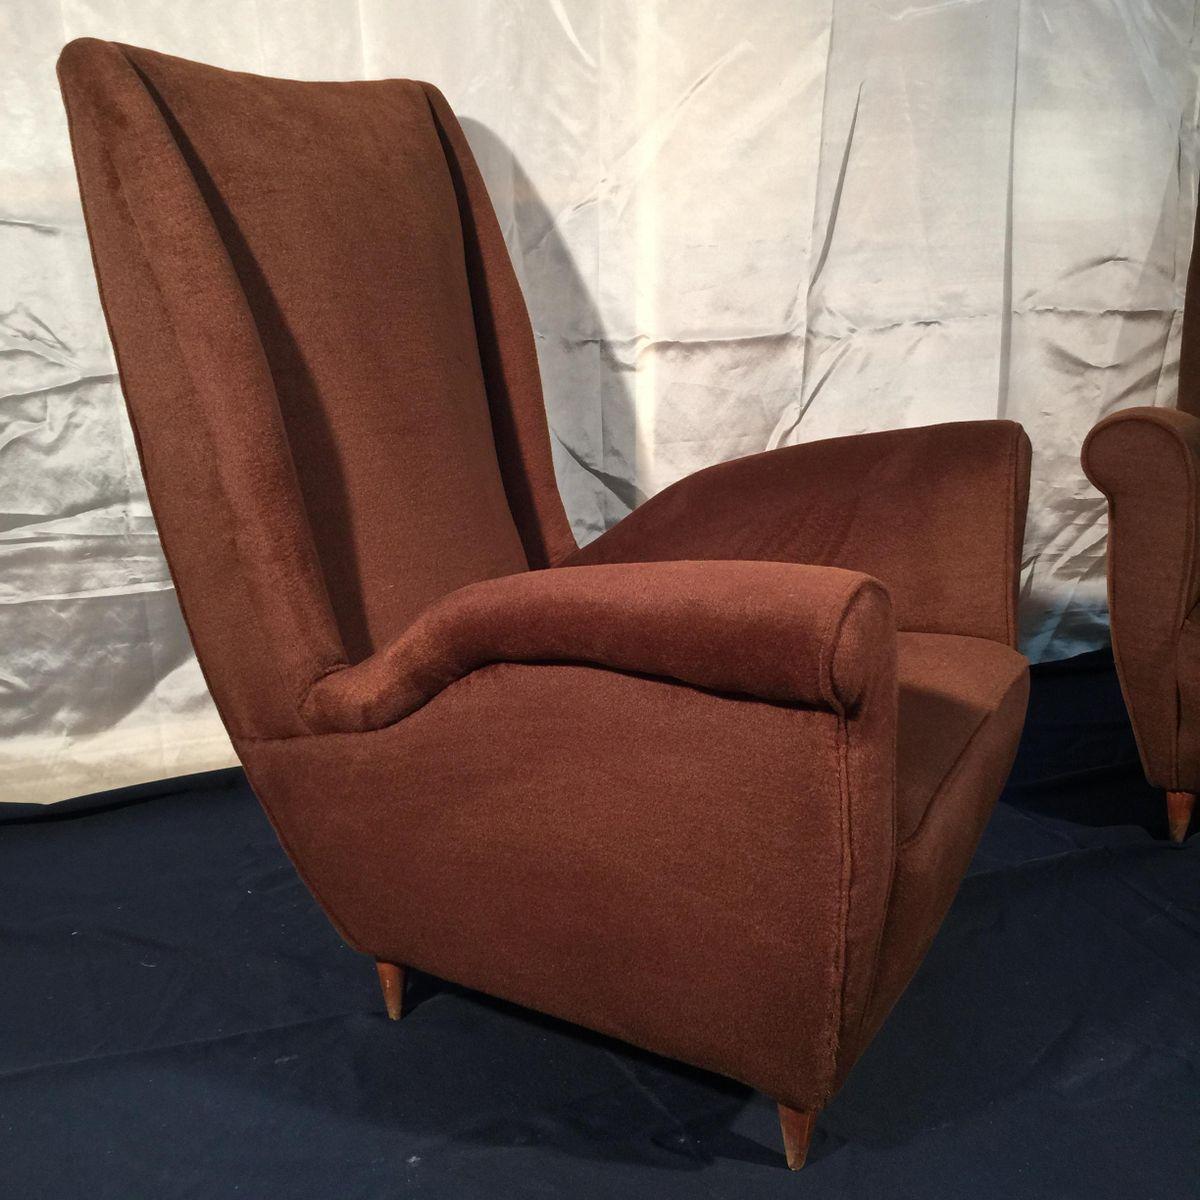 italienische vintage sessel von gio ponti 1950er 2er set bei pamono kaufen. Black Bedroom Furniture Sets. Home Design Ideas